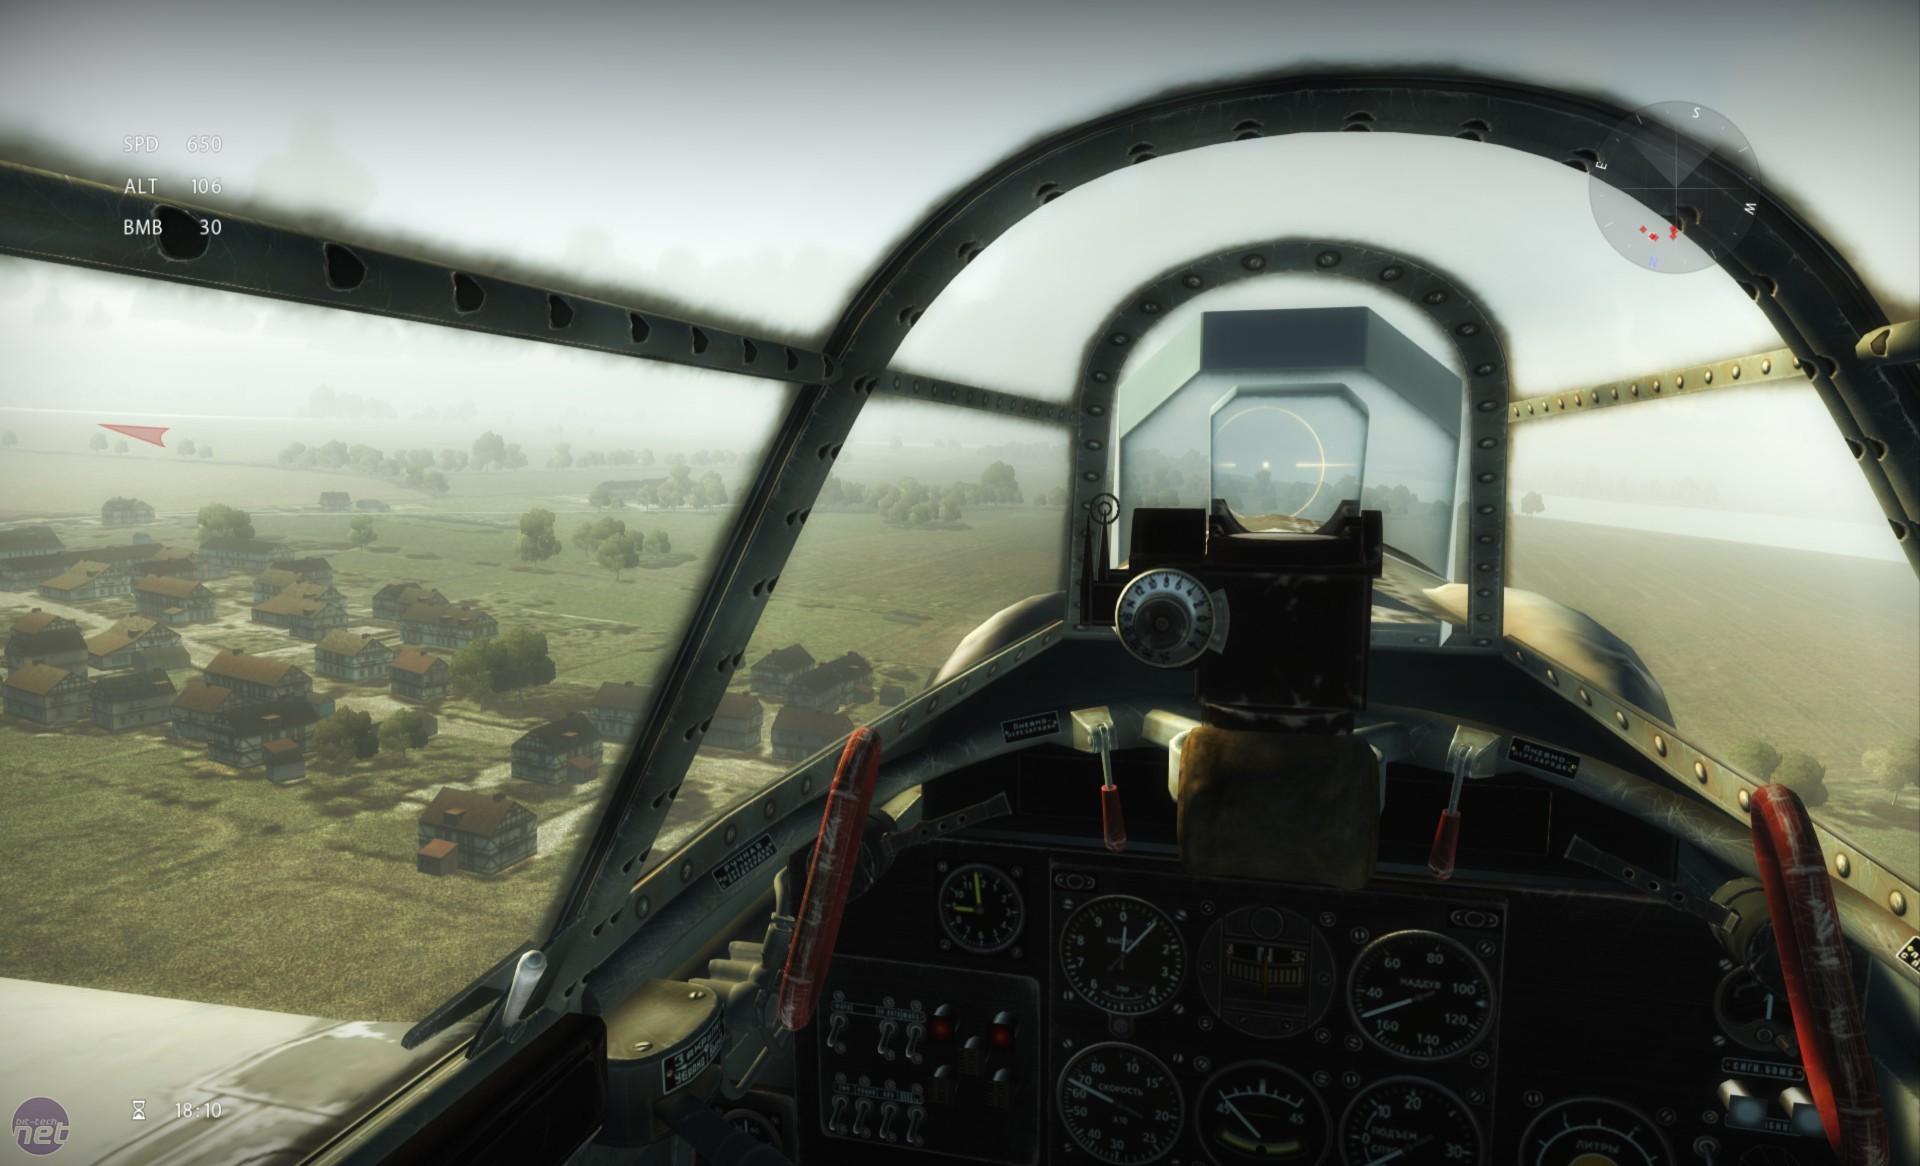 IL-2 Sturmovik: Birds Of Prey Backgrounds, Compatible - PC, Mobile, Gadgets| 1920x1166 px